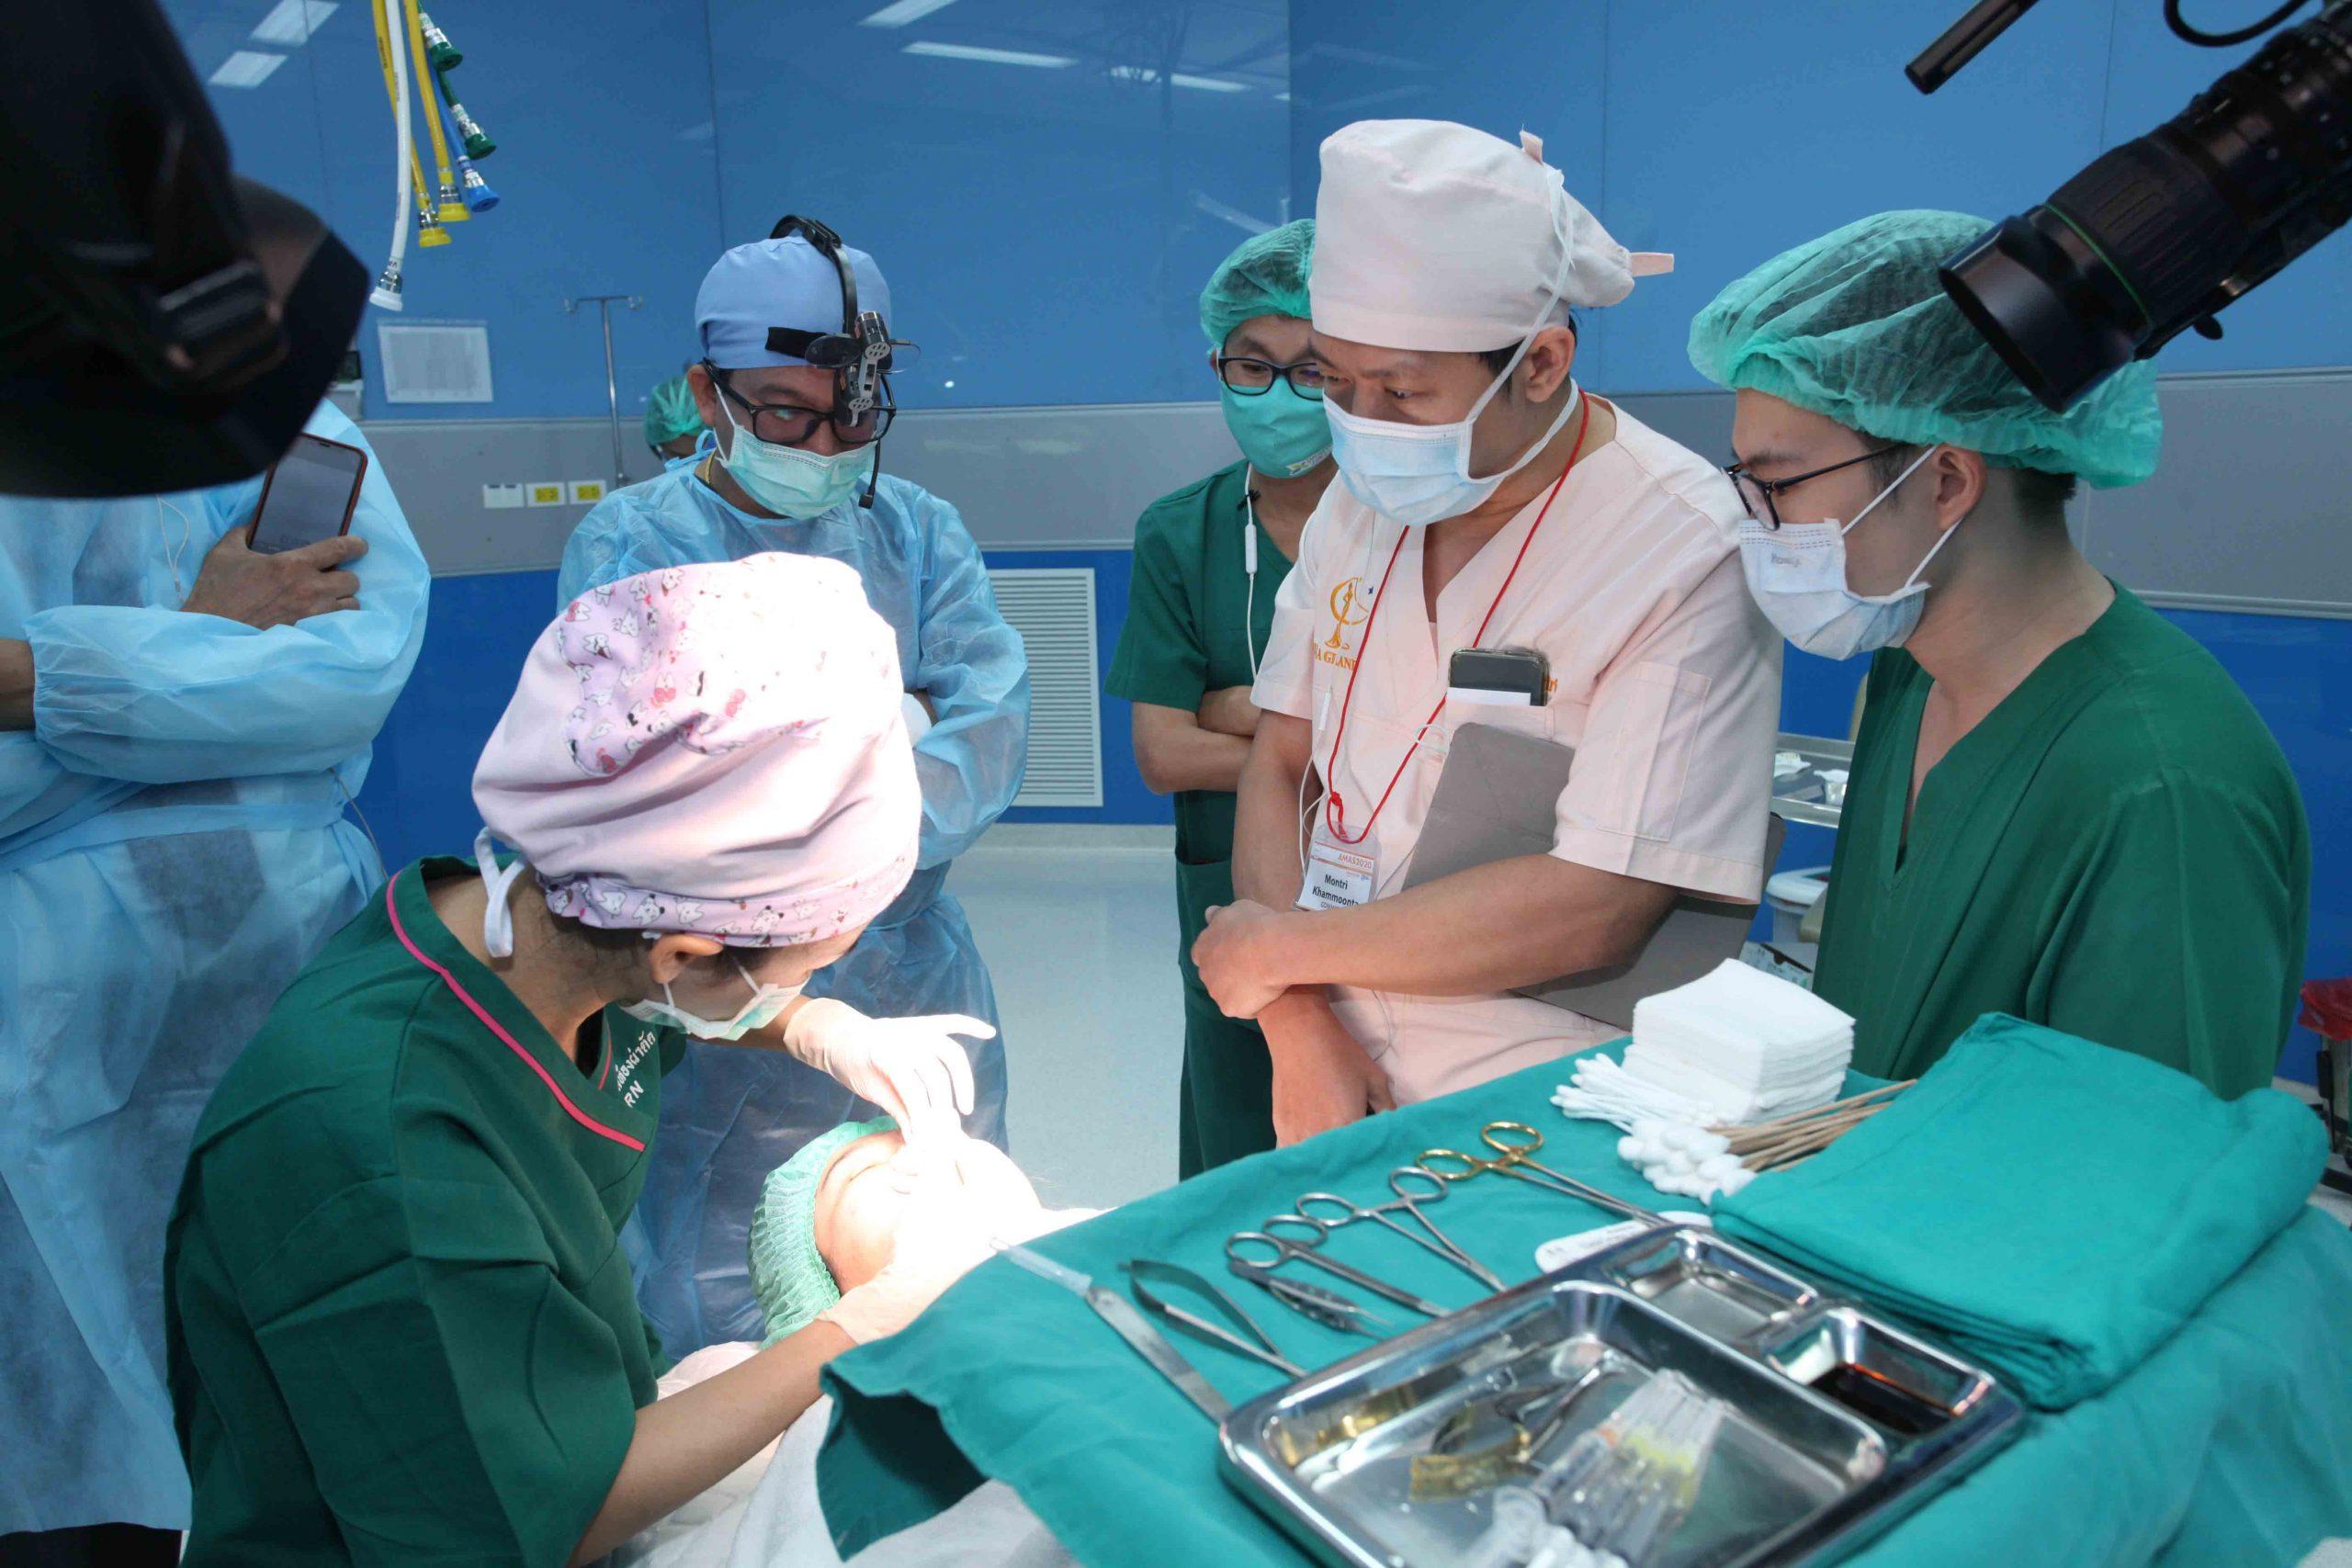 About Doctor, คลินิคศัลยกรรมความงาม โดย นายแพทย์ พลศักดิ์ วรไกร (หมอเปิ้ล)